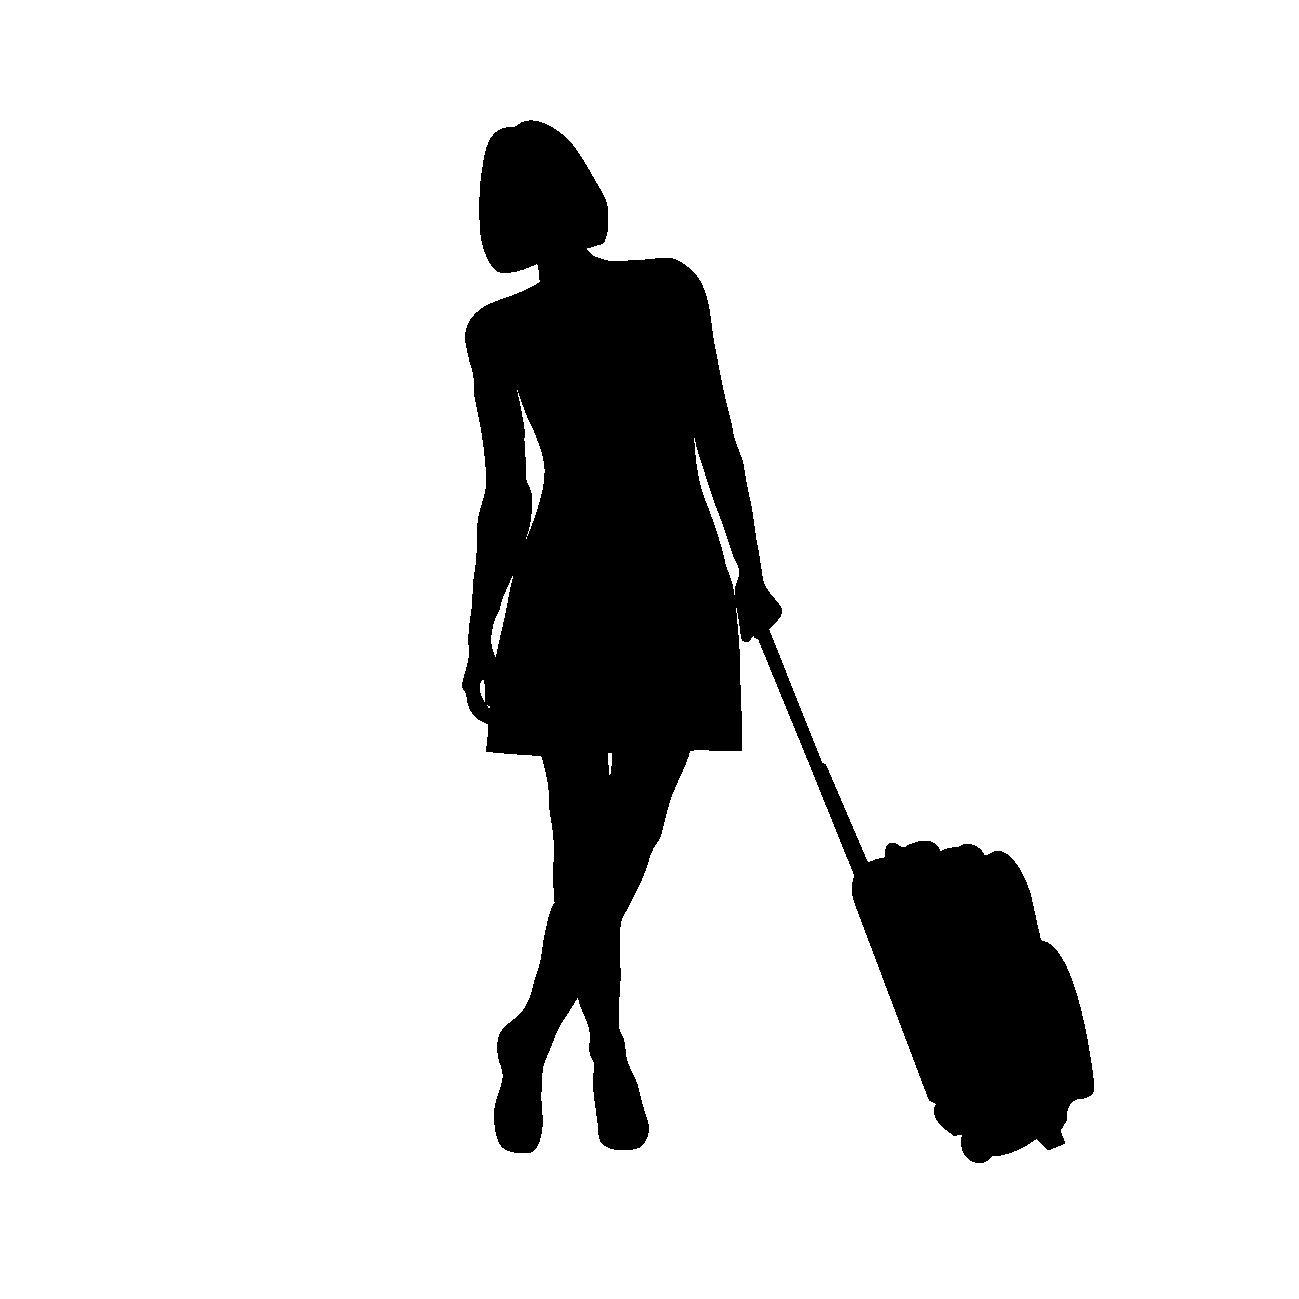 旅行」をテーマにした無料シルエット素材10選(商用利用可) | acworks